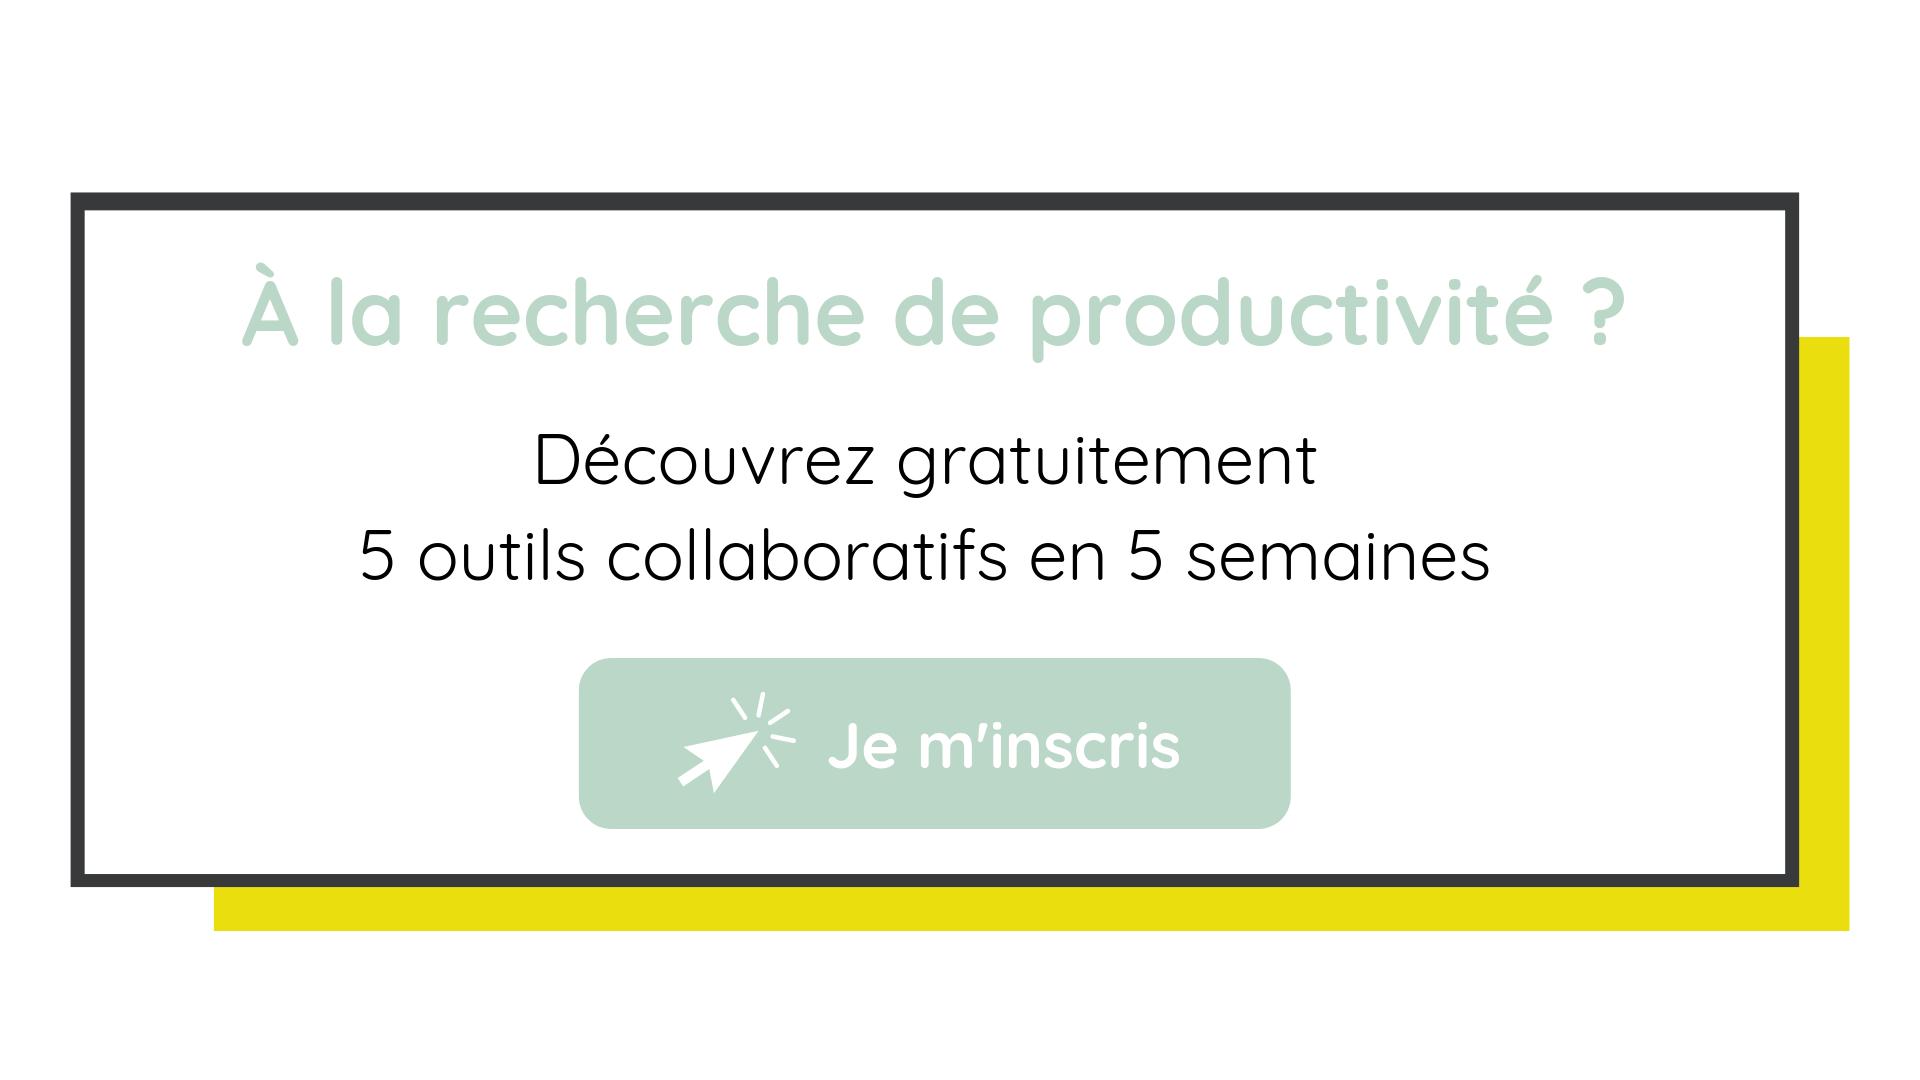 Découvrez gratuitement 5 outils collaboratifs en 5 semaines